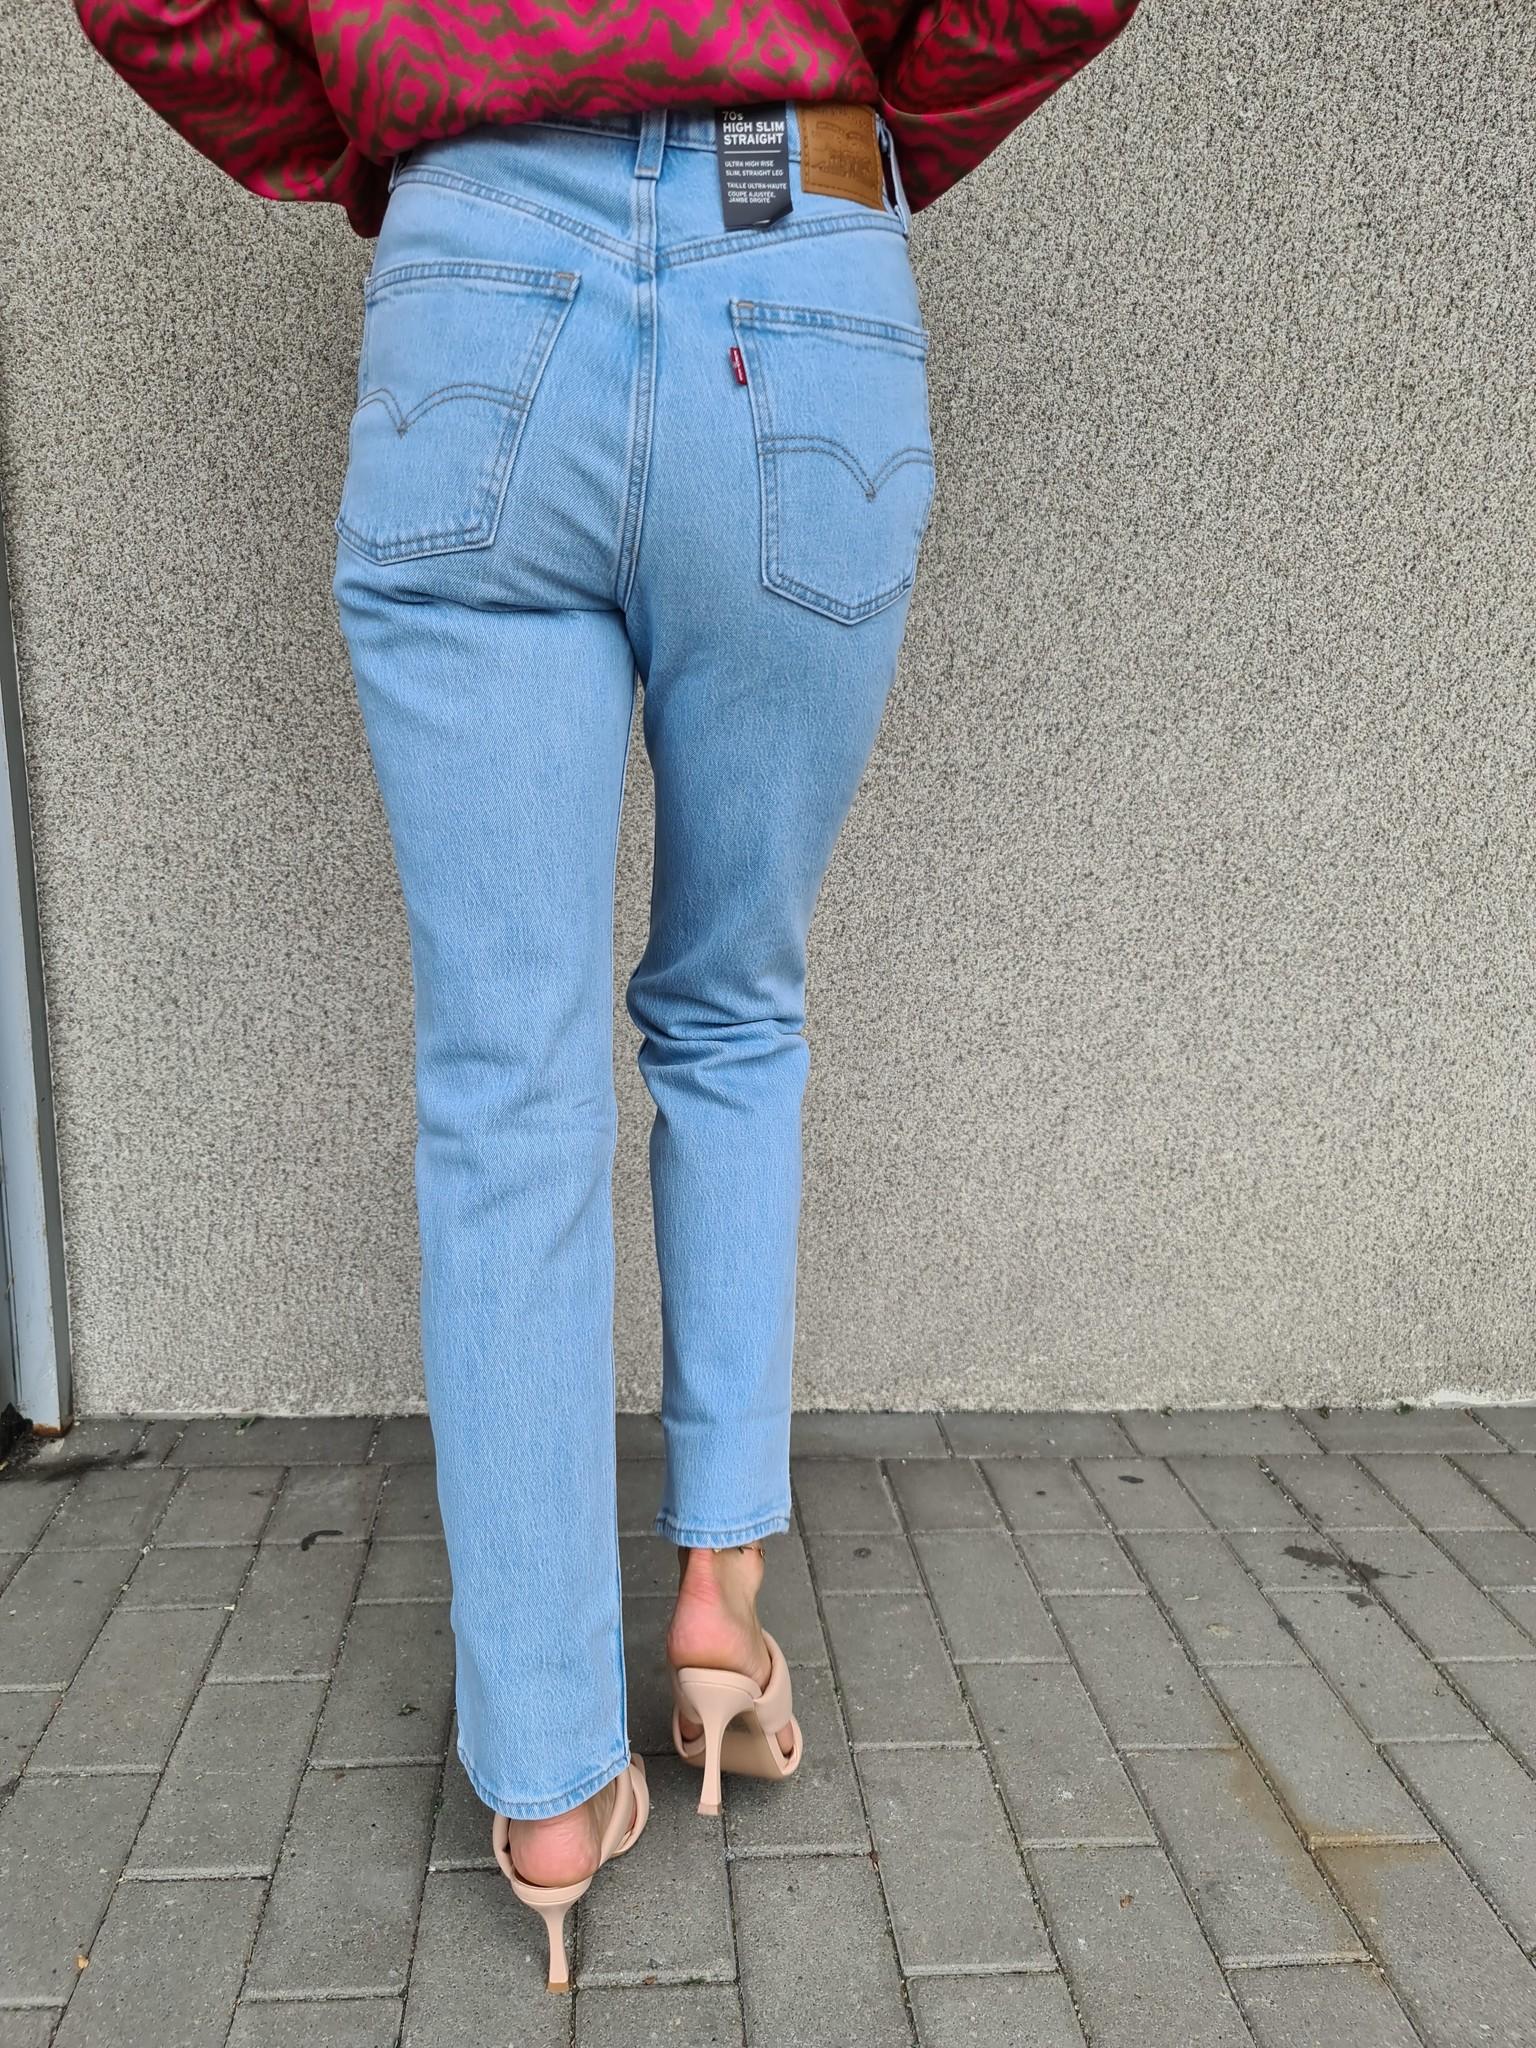 LEVIS jeans-2